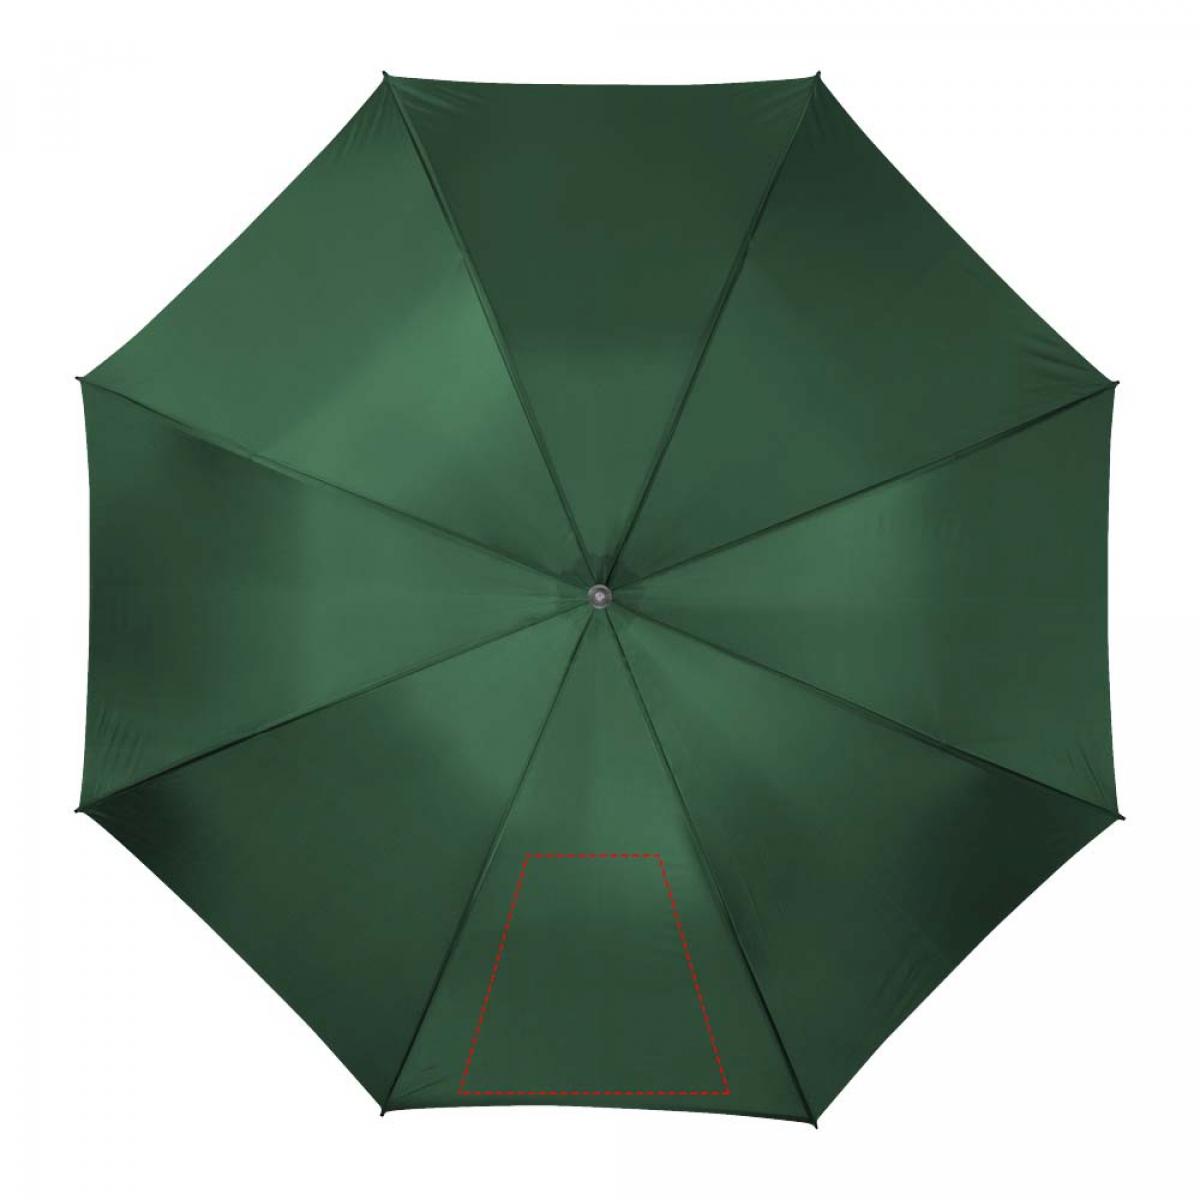 Paraplu met metalen stok - 1ste paneel